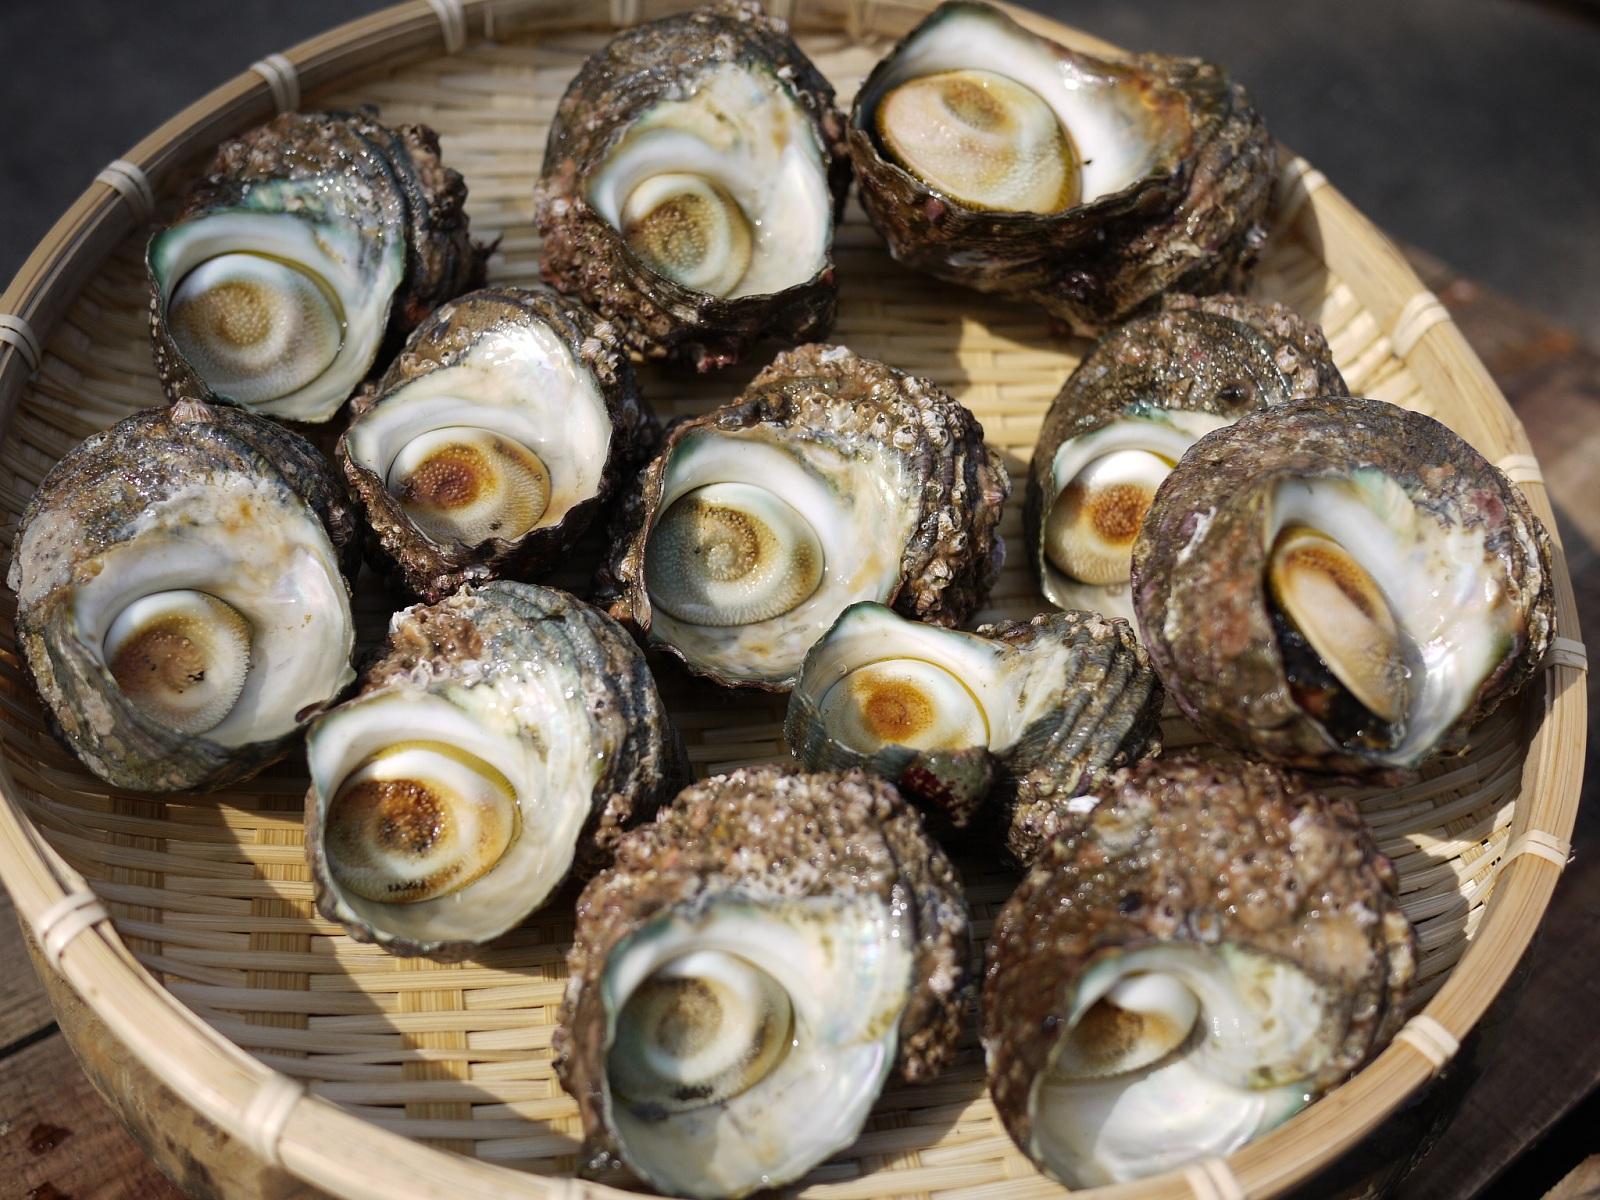 伊勢湾の海の恵み、天然活サザエをお届けします。つぼ焼きにおすすめのサイズです。 【送料無料】愛知県産 天然サザエ 2kg (12個~20個)